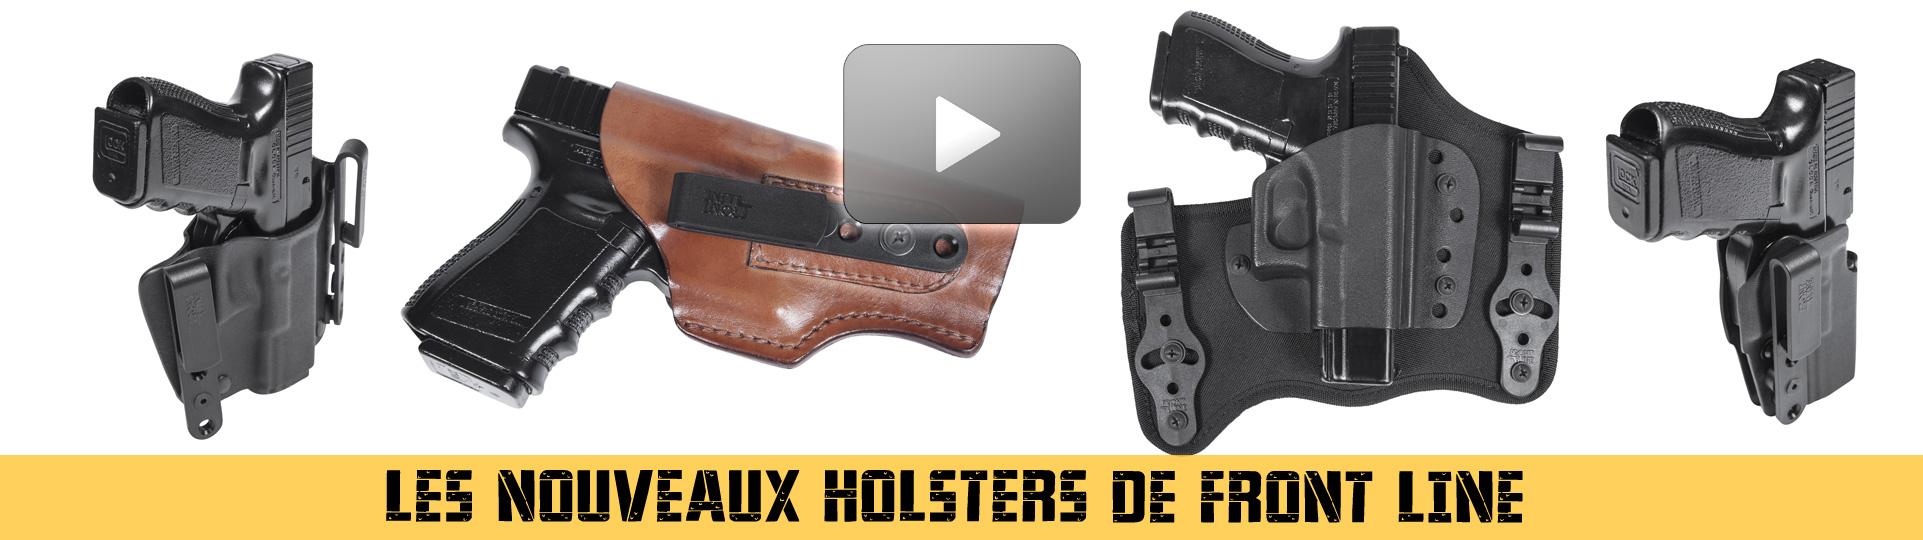 Nouveaux holsters front line 2018